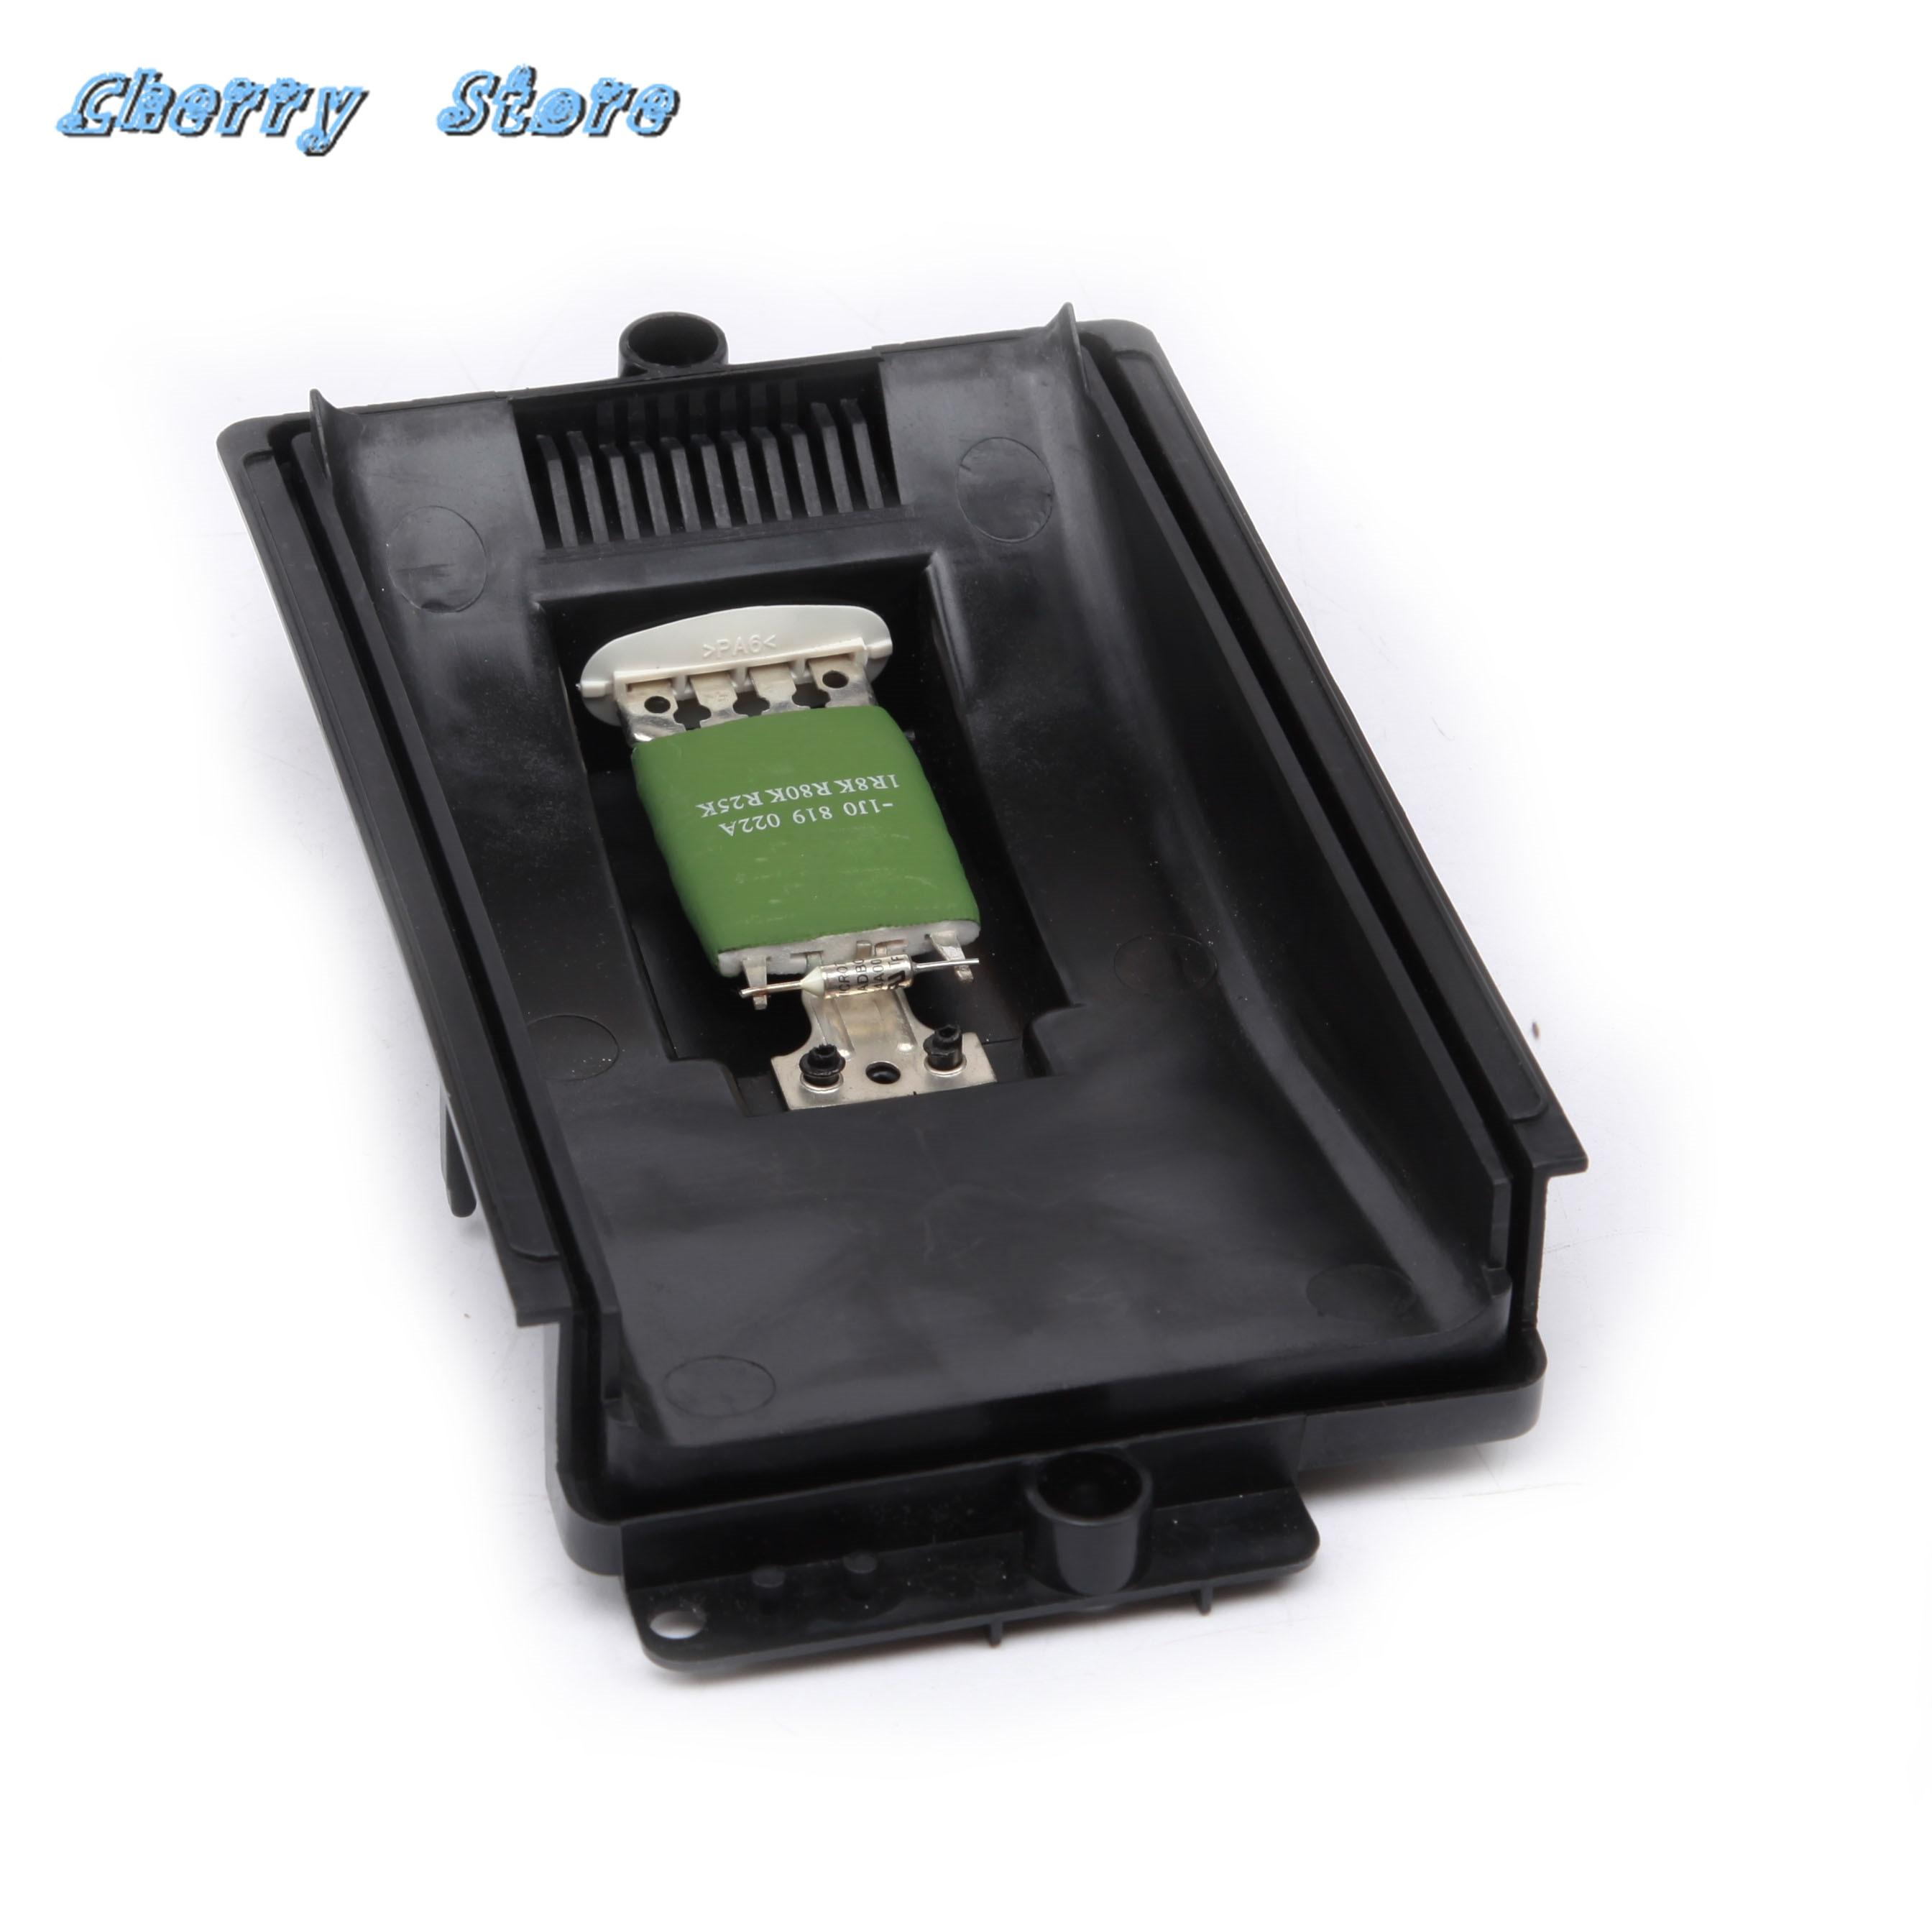 Novo 1j0 819 022 a hvac a/c aquecedor ventilador do motor resistor para vw jetta mk4 golf mk4 bora audi a3 s3 tt 1j0 819 022 1j0819022a